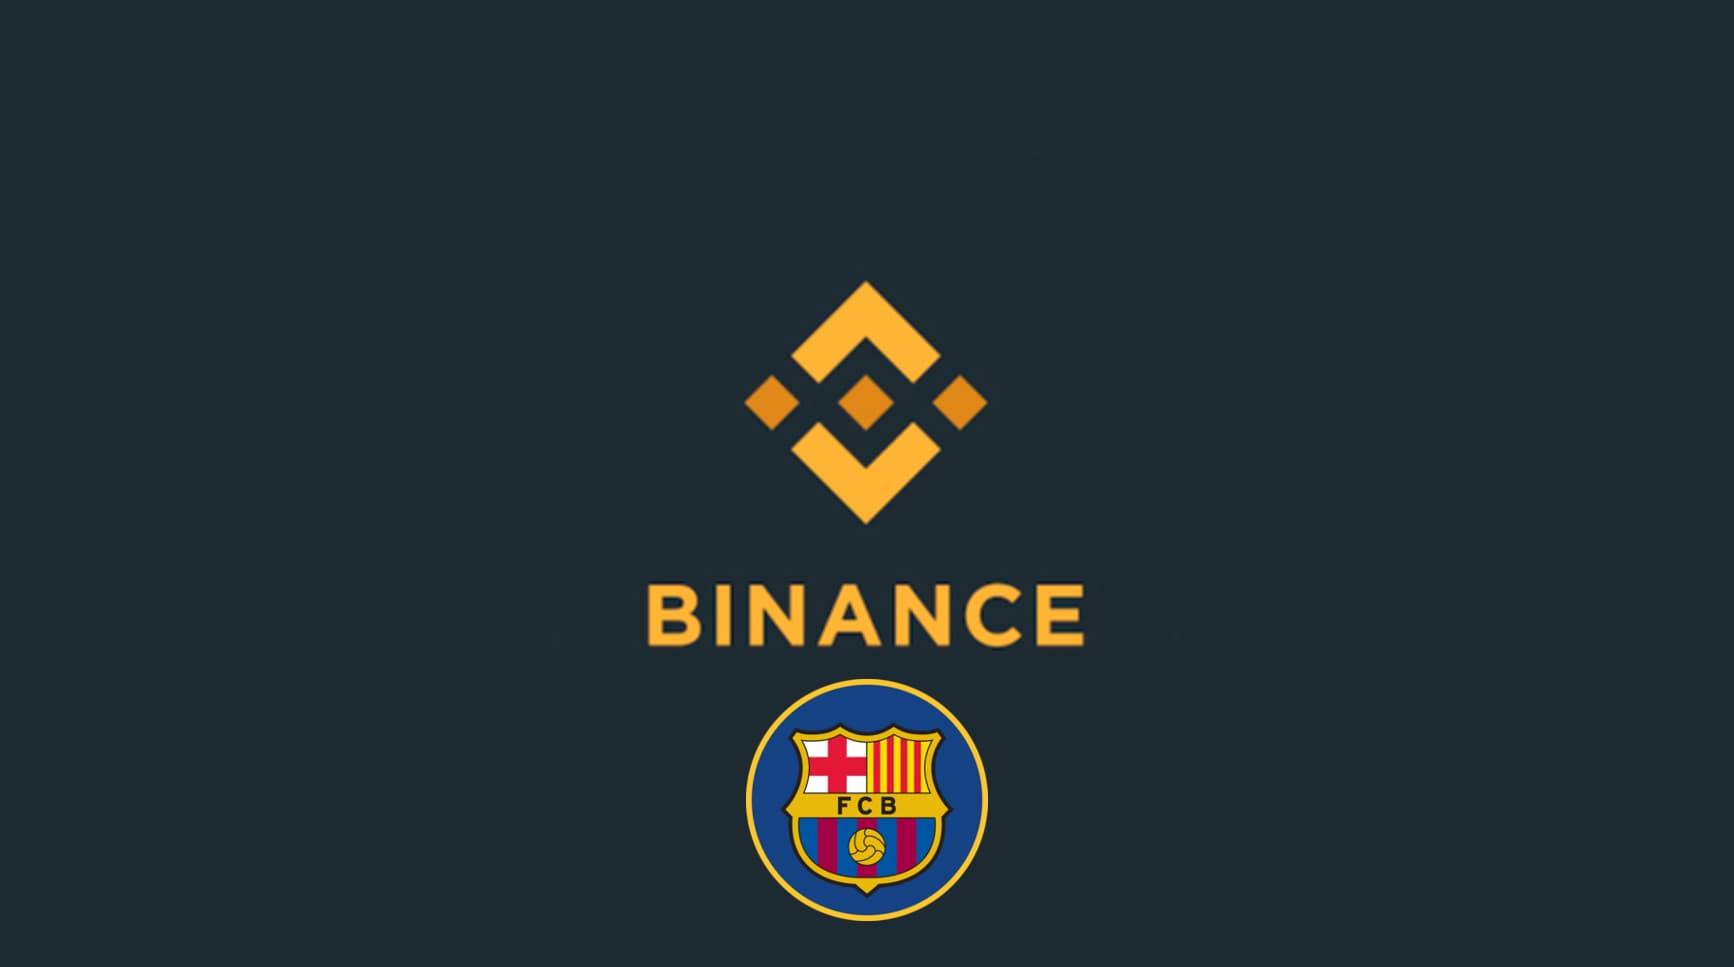 FC Barcelona Fan Token Binance'da Listelendi